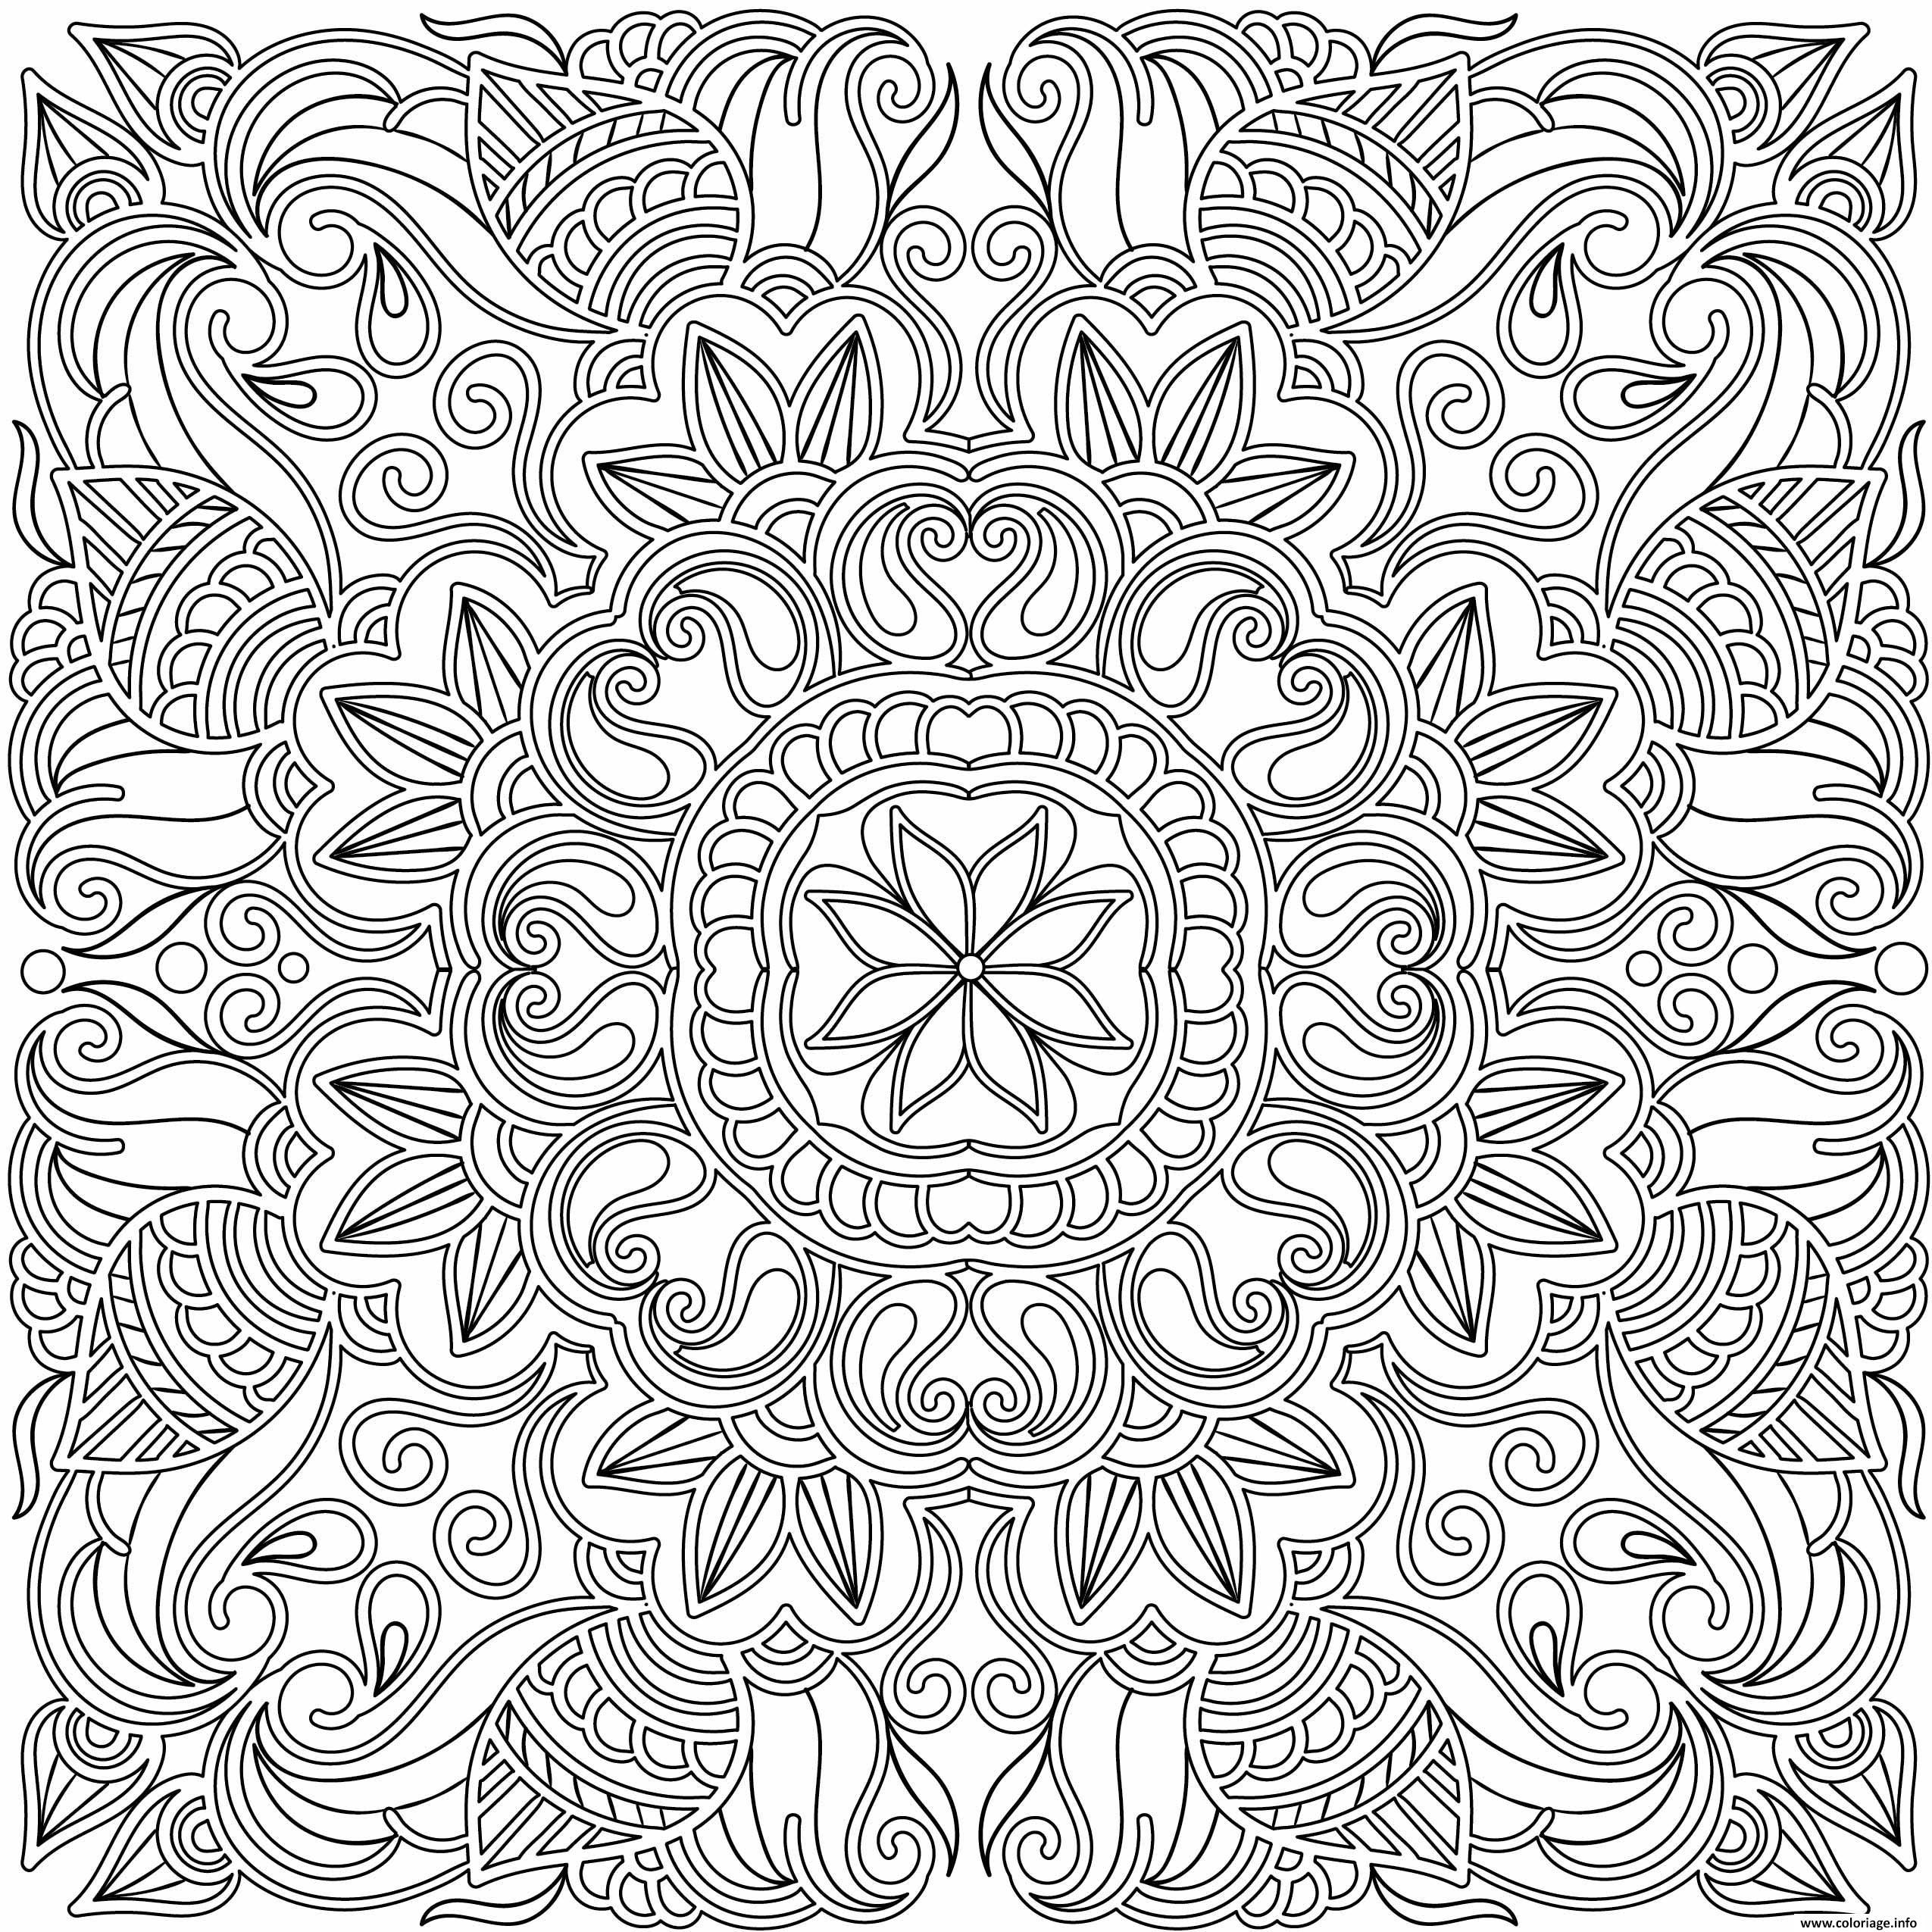 Coloriage Adulte Mandala Doodle Dessin Adulte A Imprimer